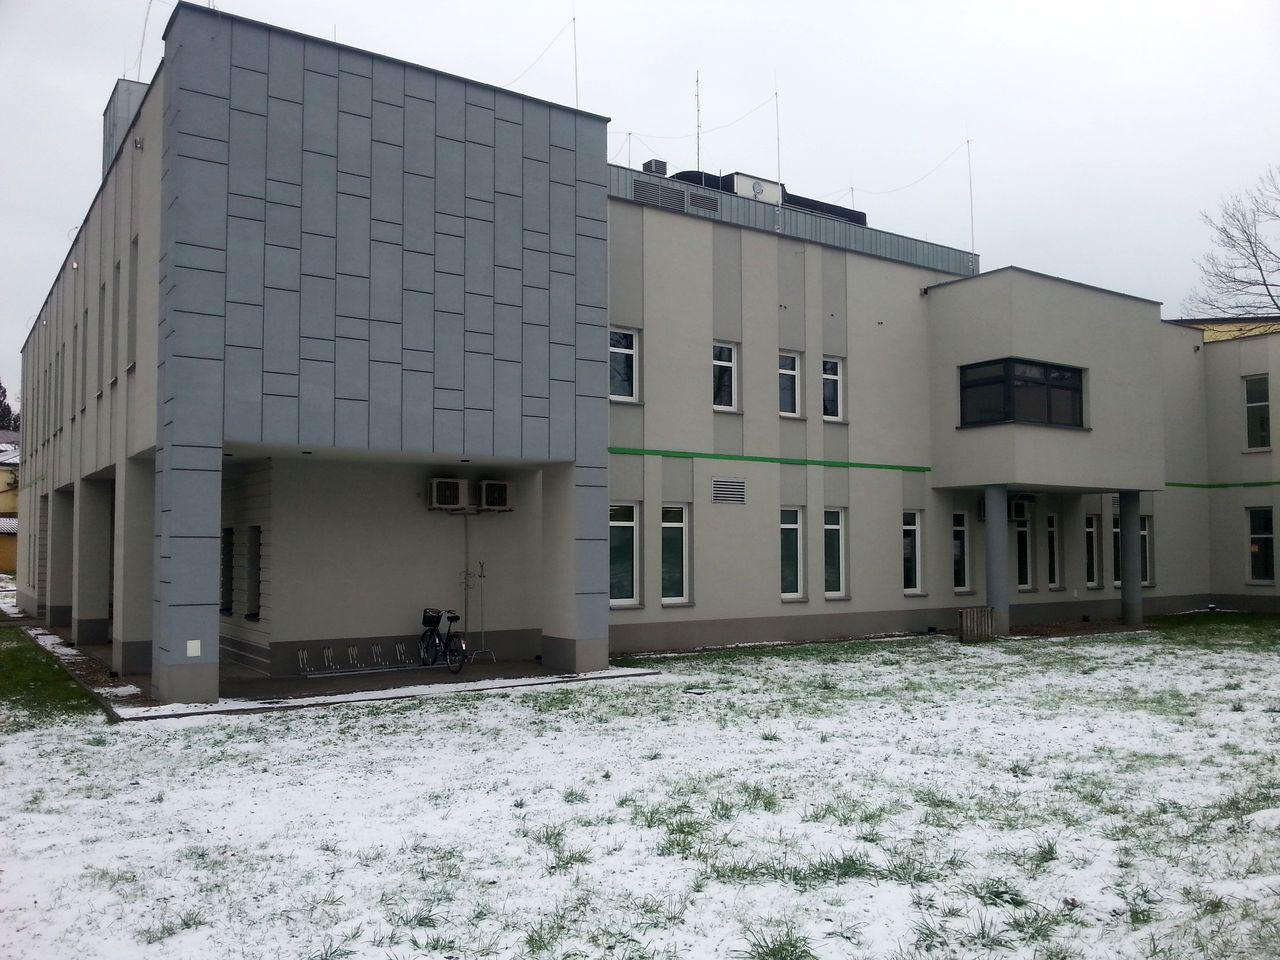 Szpital w Mińsku Mazowieckim